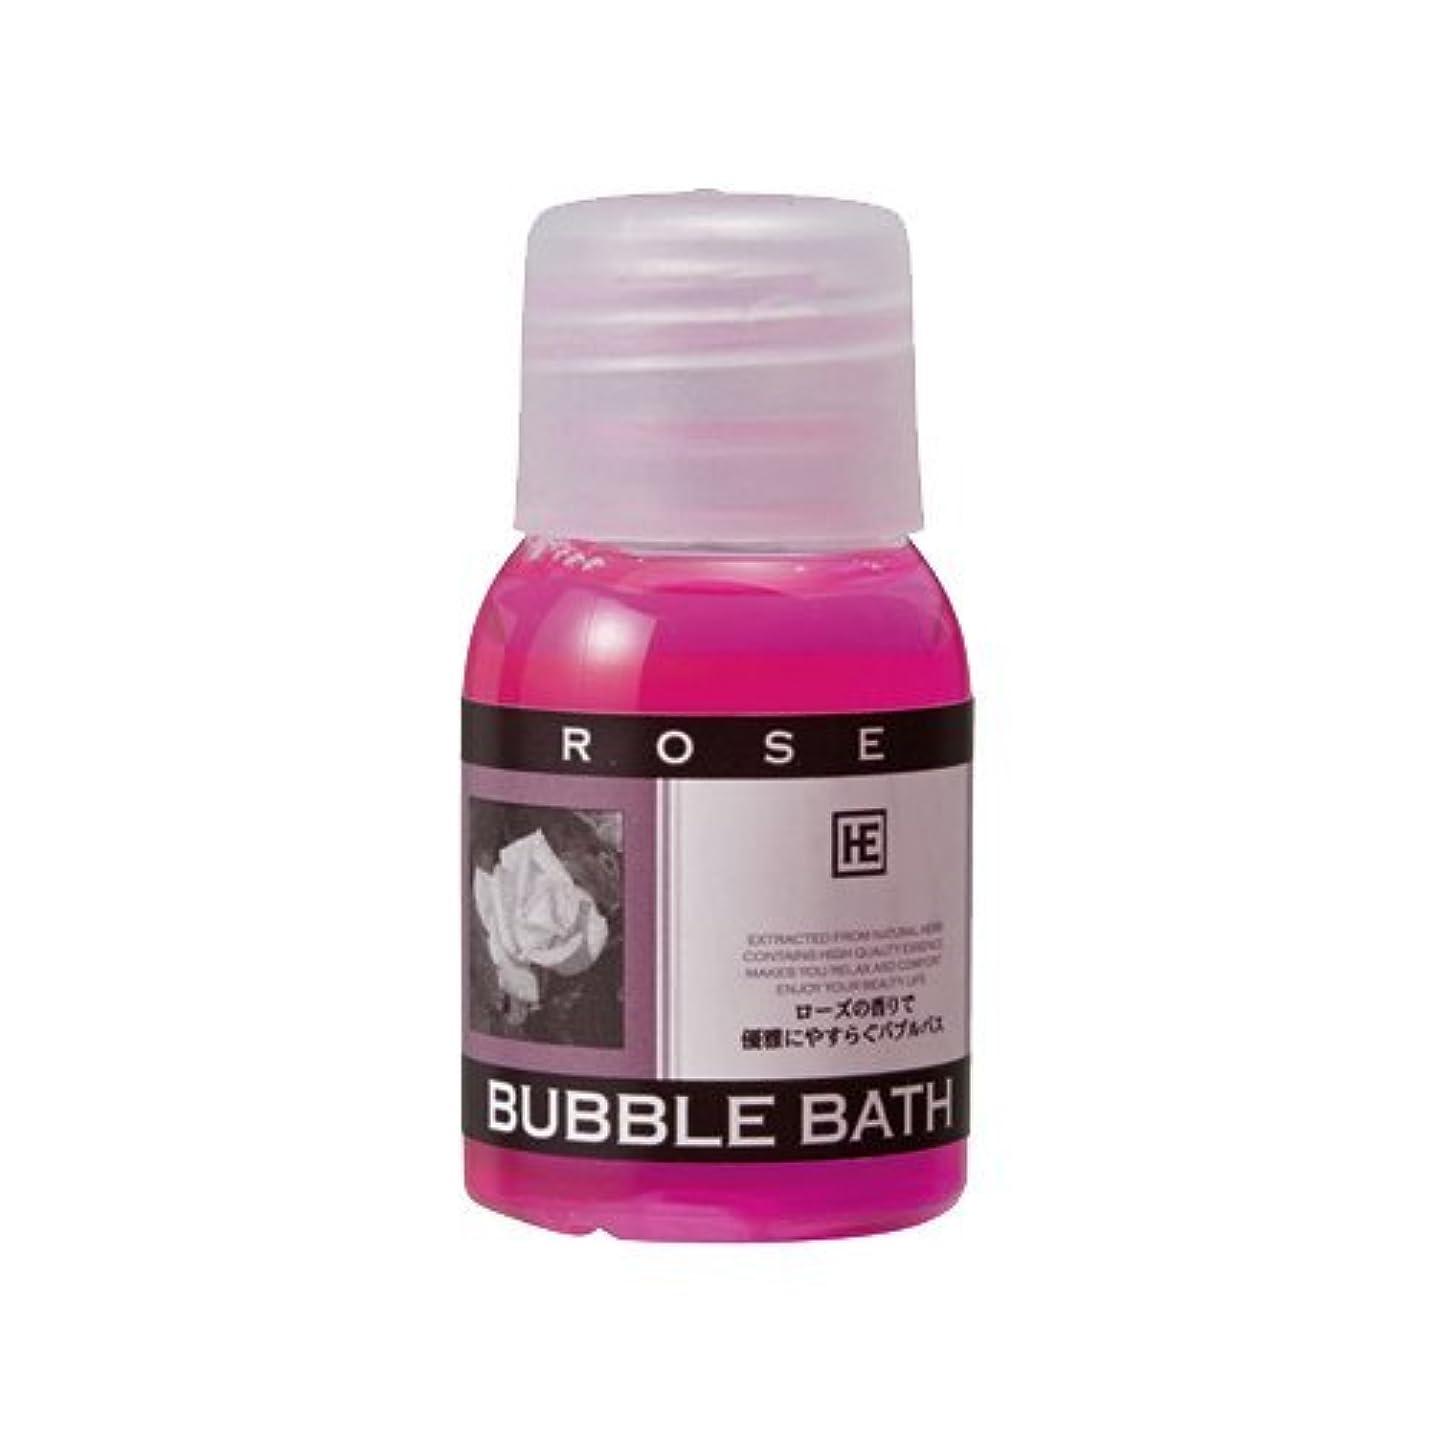 郵便局幸運なことに受け入れるハーバルエクストラ バブルバス ミニボトル ローズの香り × 10個セット - ホテルアメニティ 業務用 発泡入浴剤 (BUBBLE BATH)